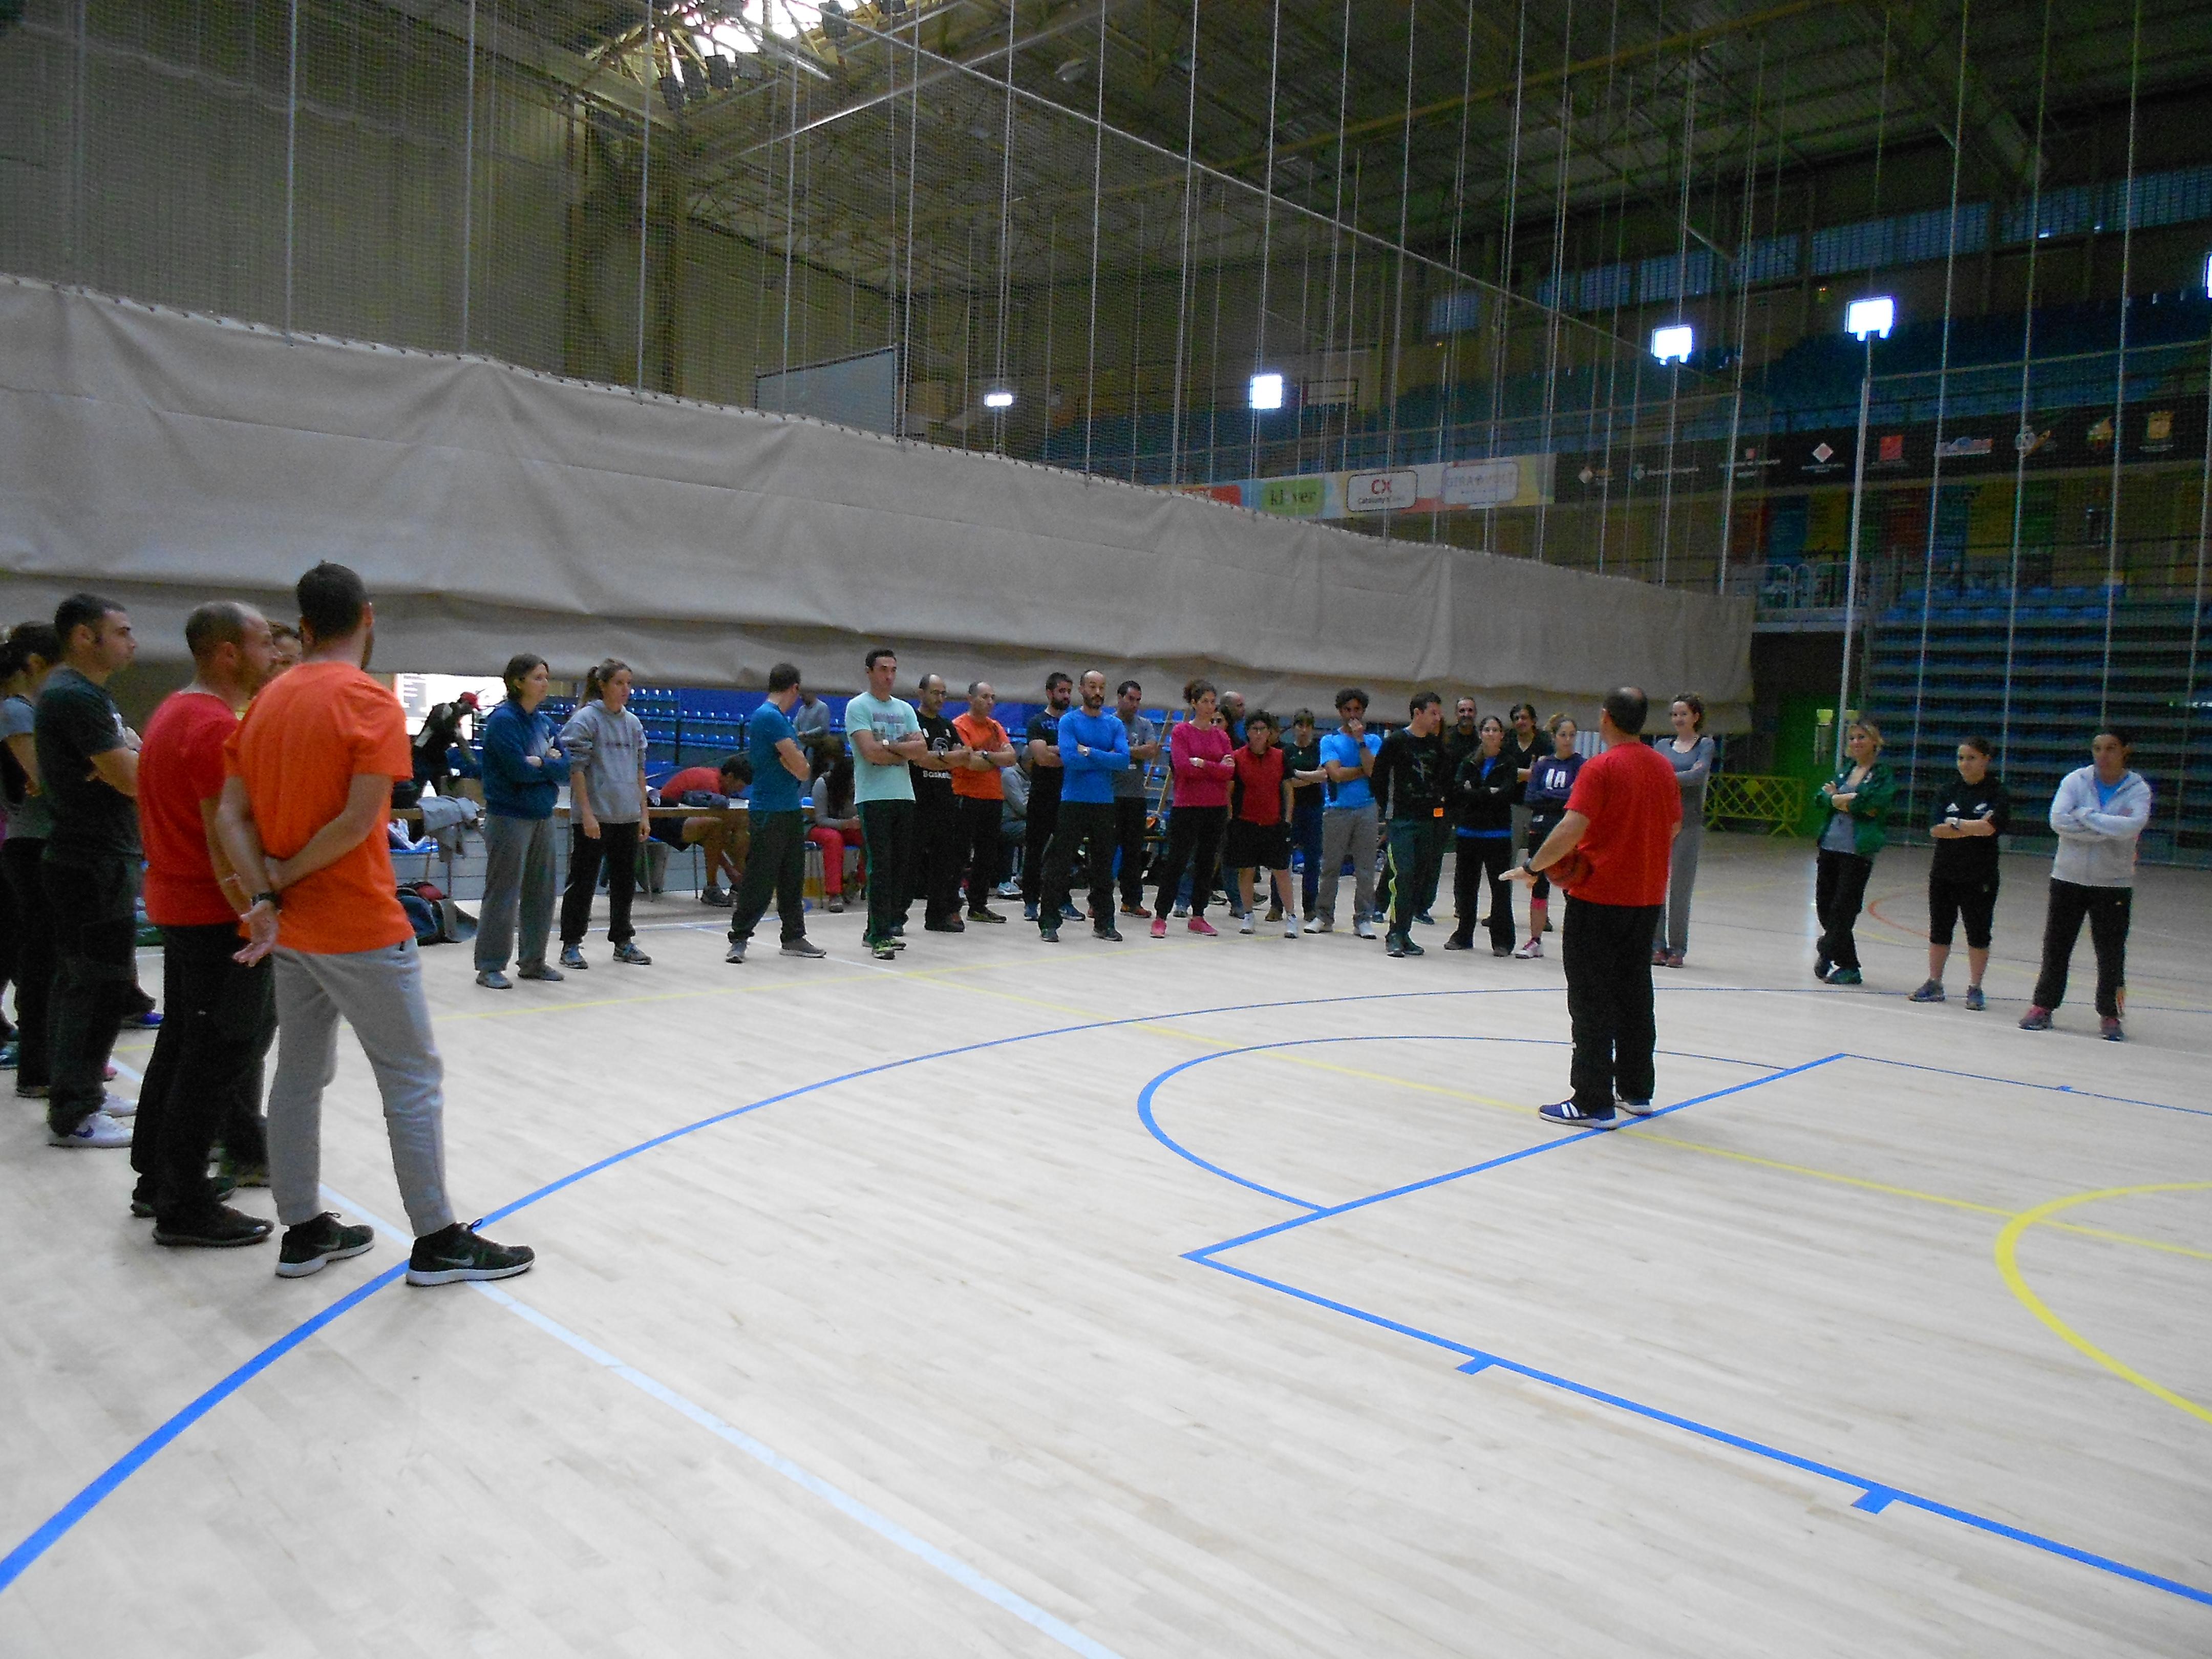 El pavell ol mpic acull la 36a trobada de mestres d - Pavello olimpic reus ...